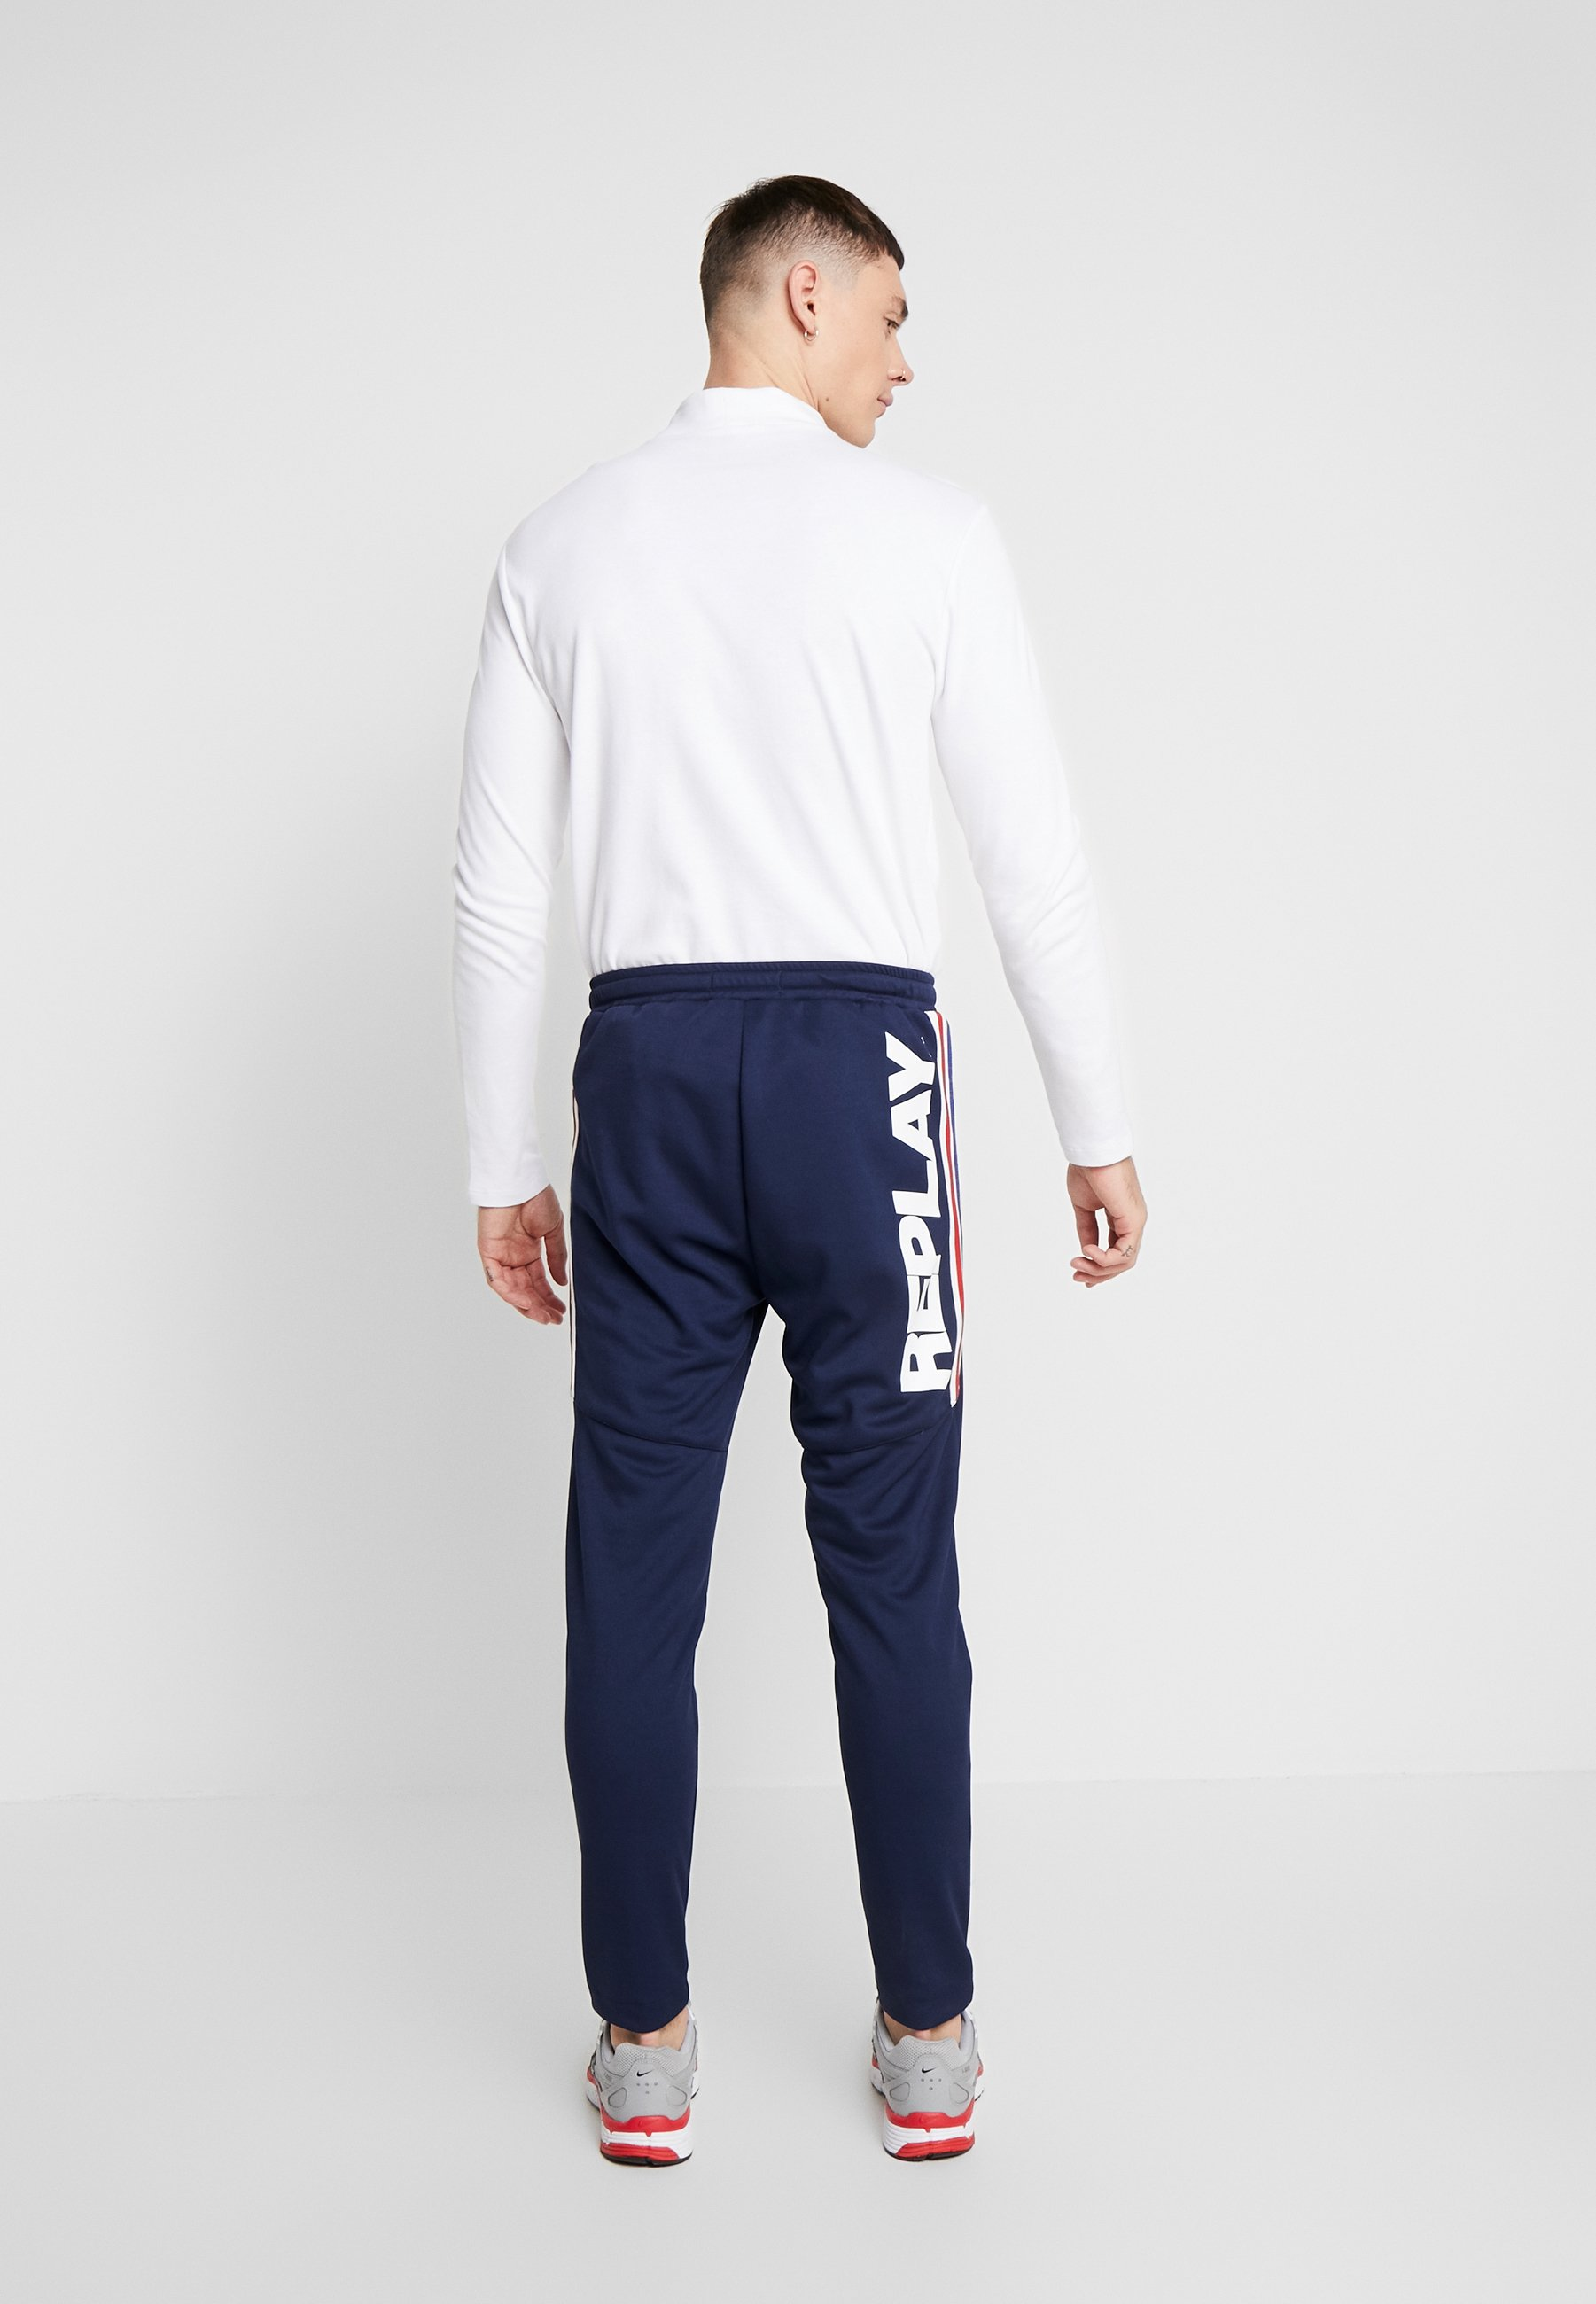 Replay Spodnie treningowe - space blue